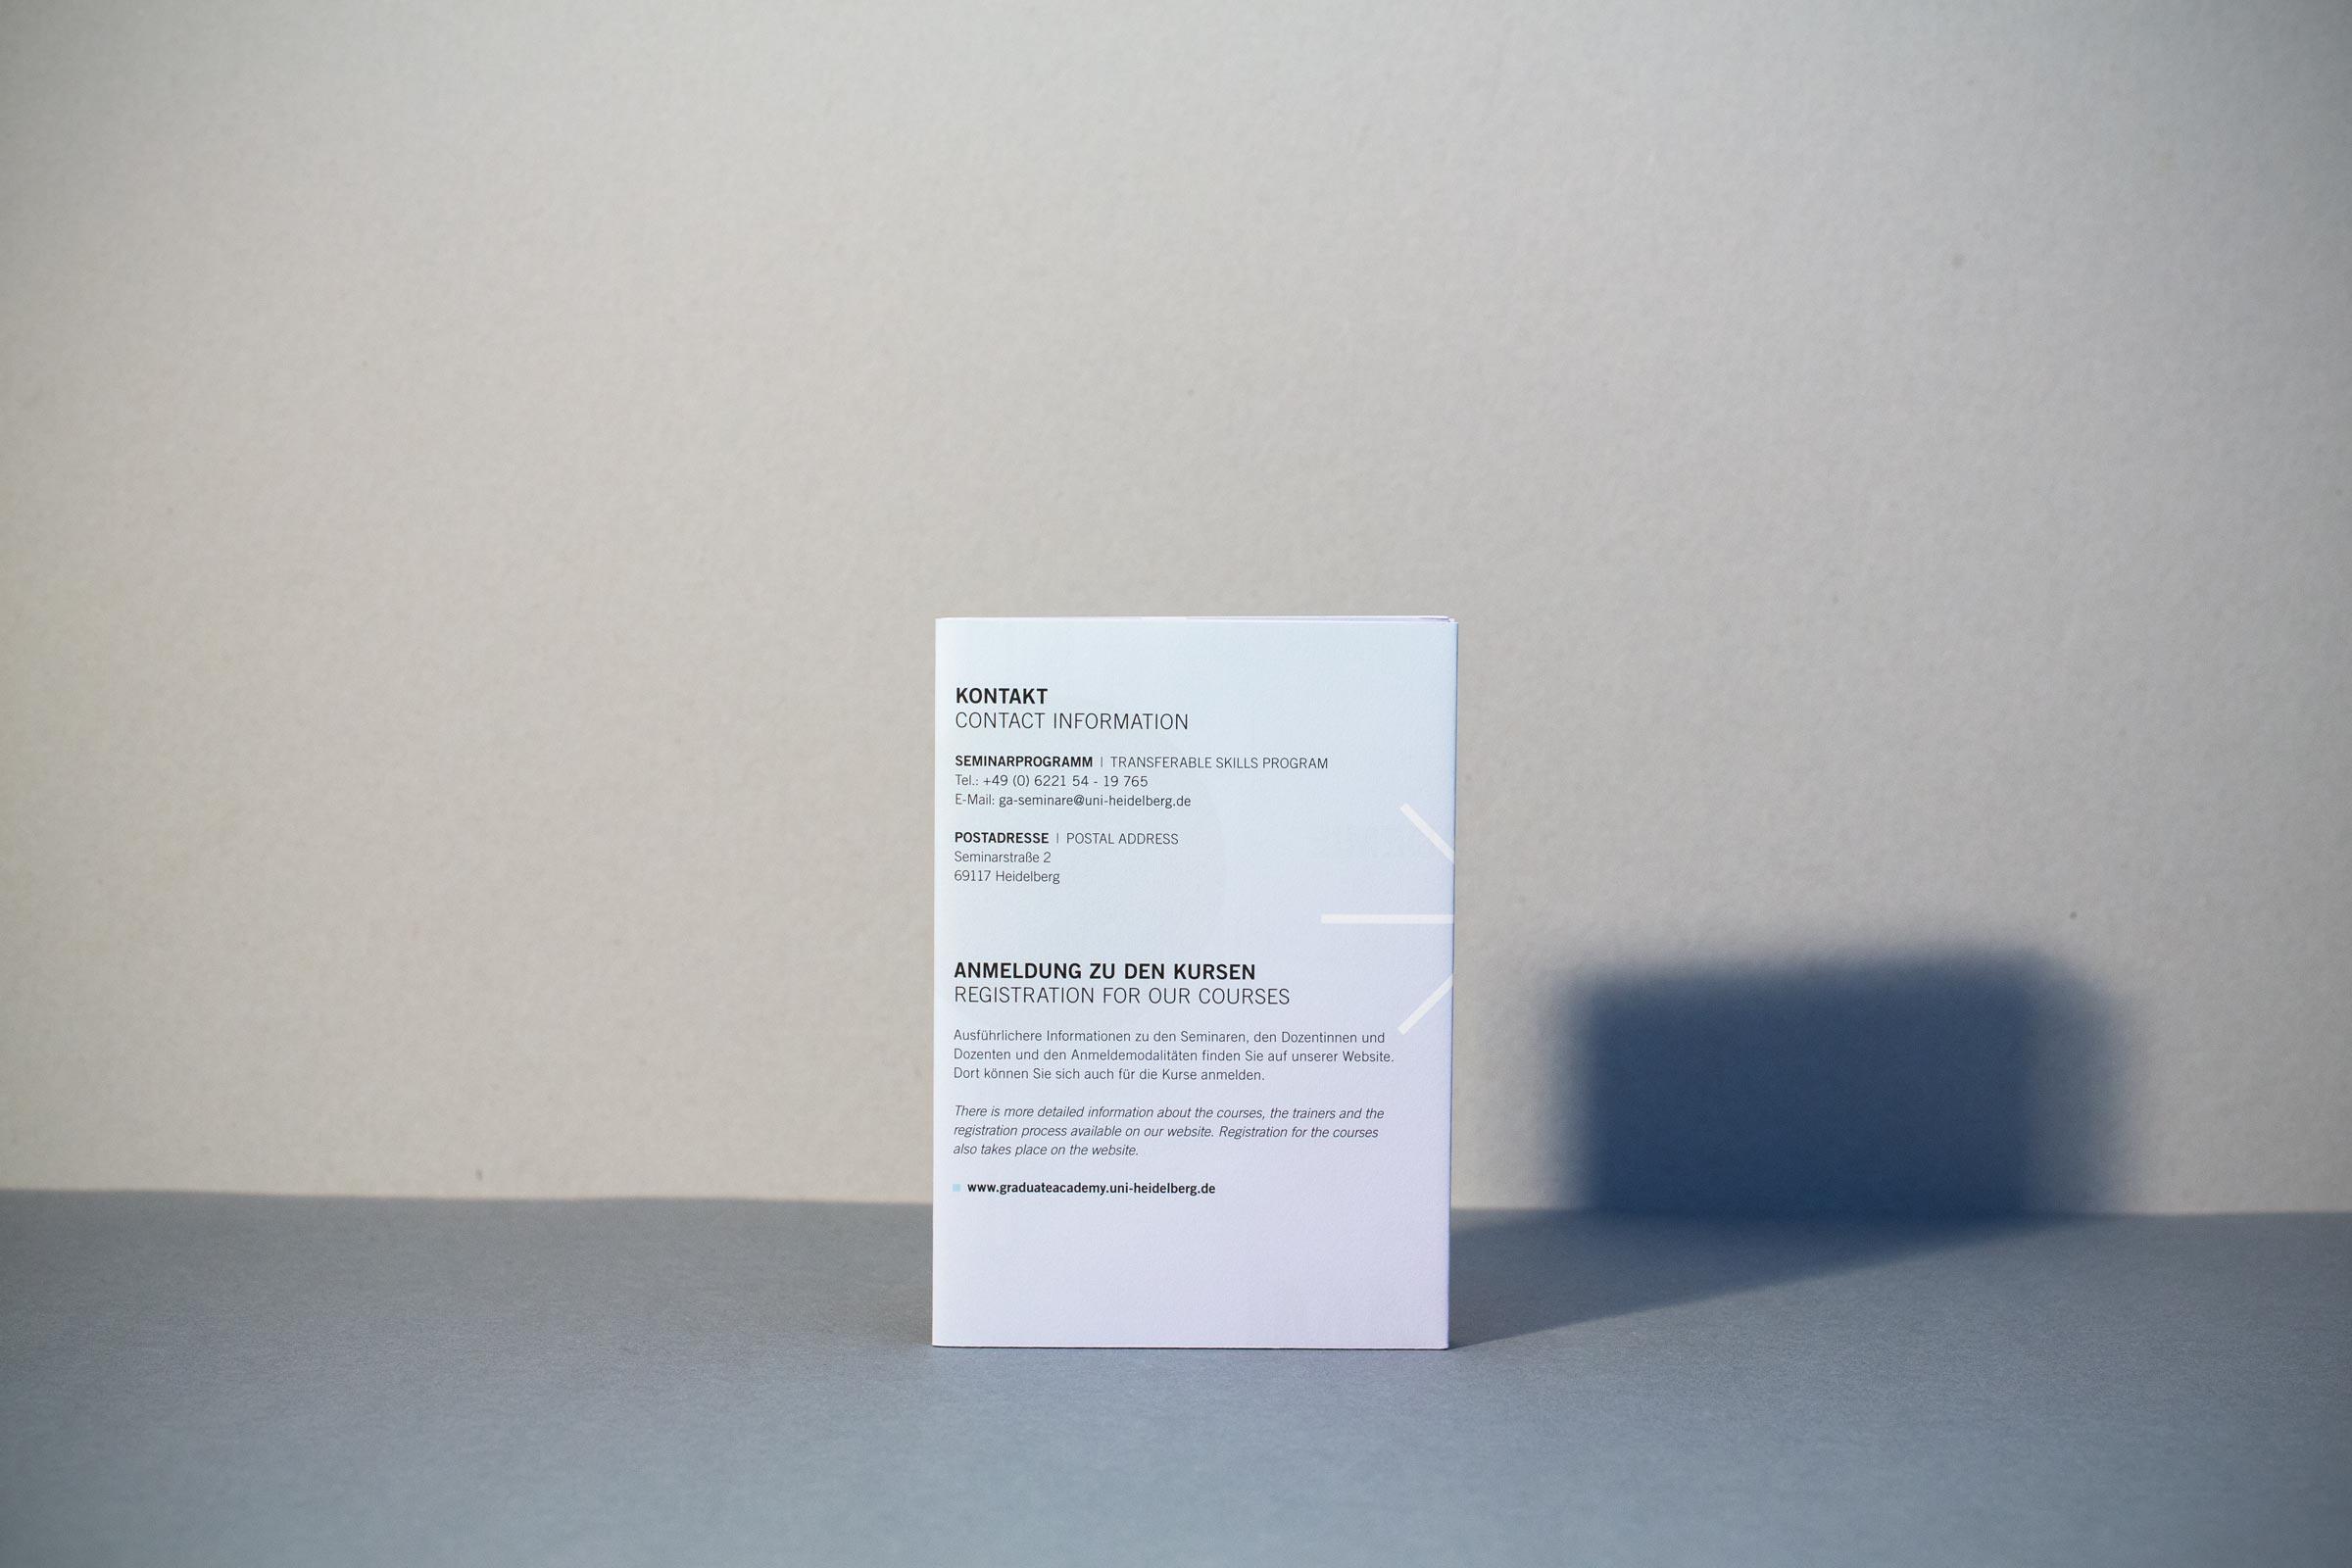 Gesa Siebert Kommunikationsdesign Graduiertenakademie Universität Heidelberg Flyer Faltflyer Plakat Illustration Seminarprogramm Wintersemester 2019/2020 Rückseite